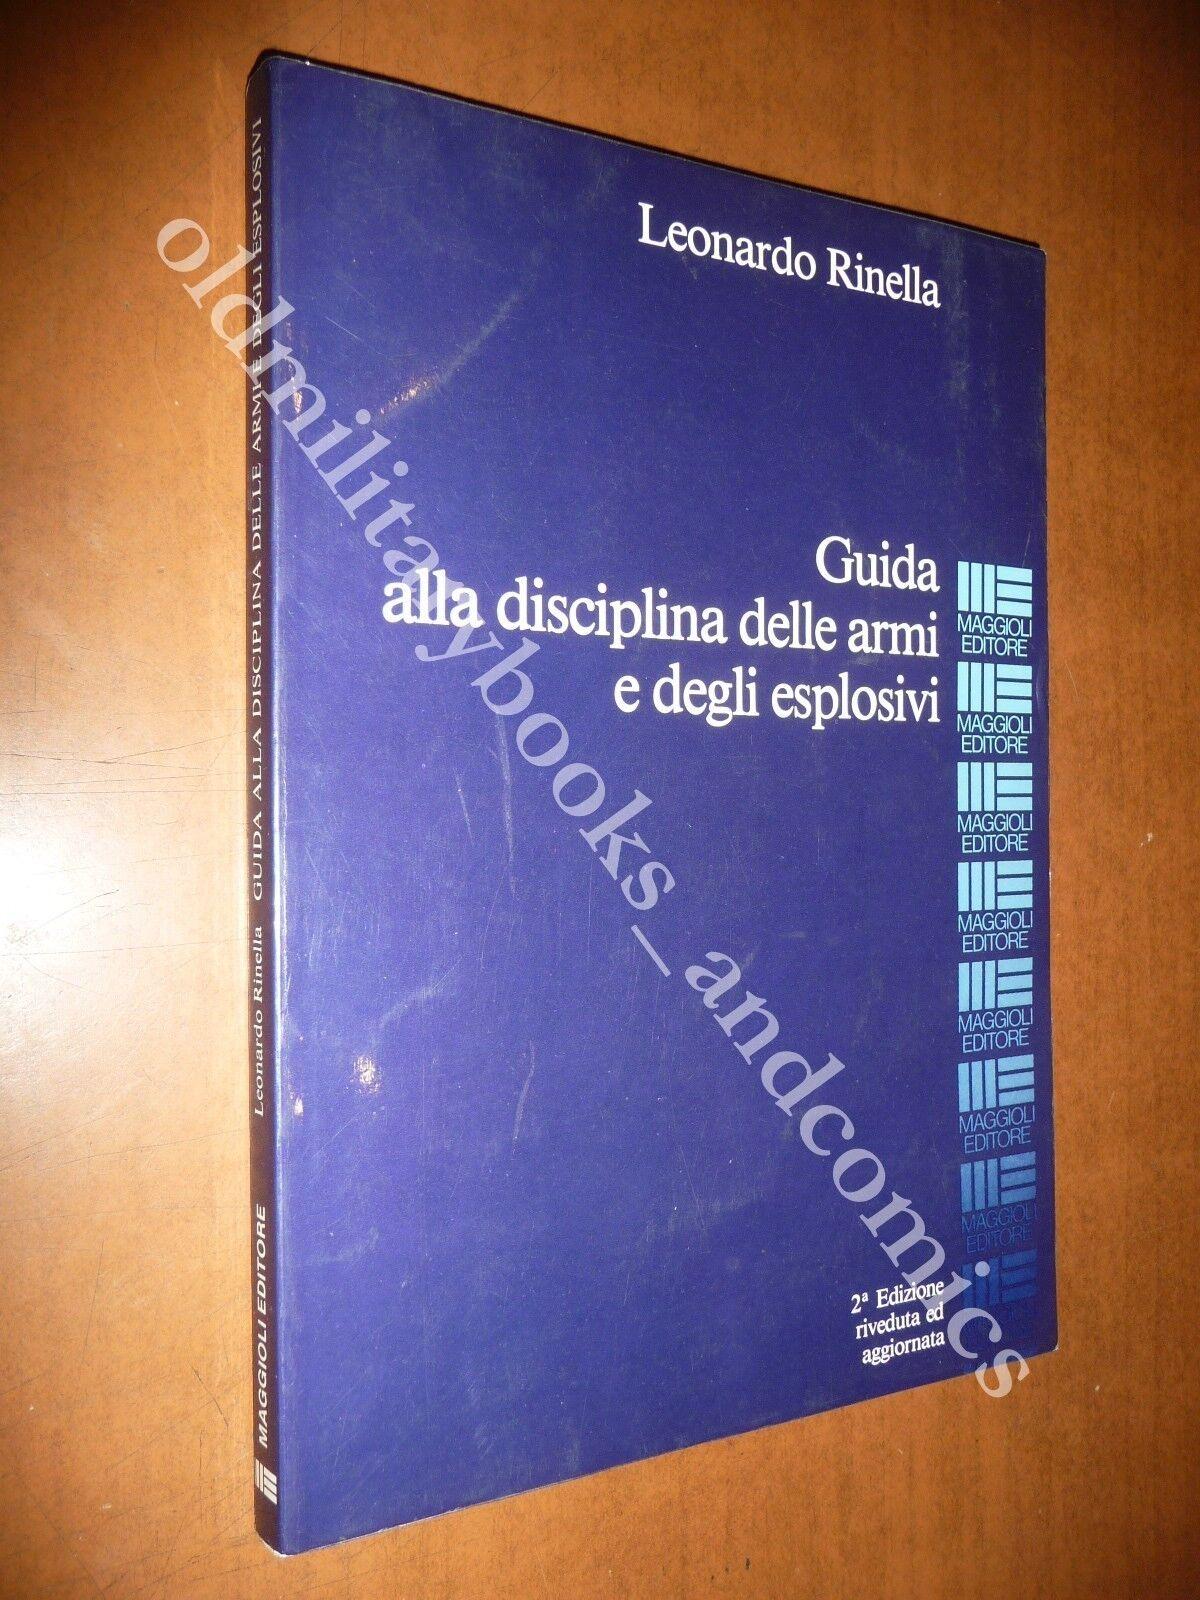 GUIDA ALLA DISCIPLINA DELLE ARMI E DEGLI ESPLOSIVI LEONARDO RINELLA 1985